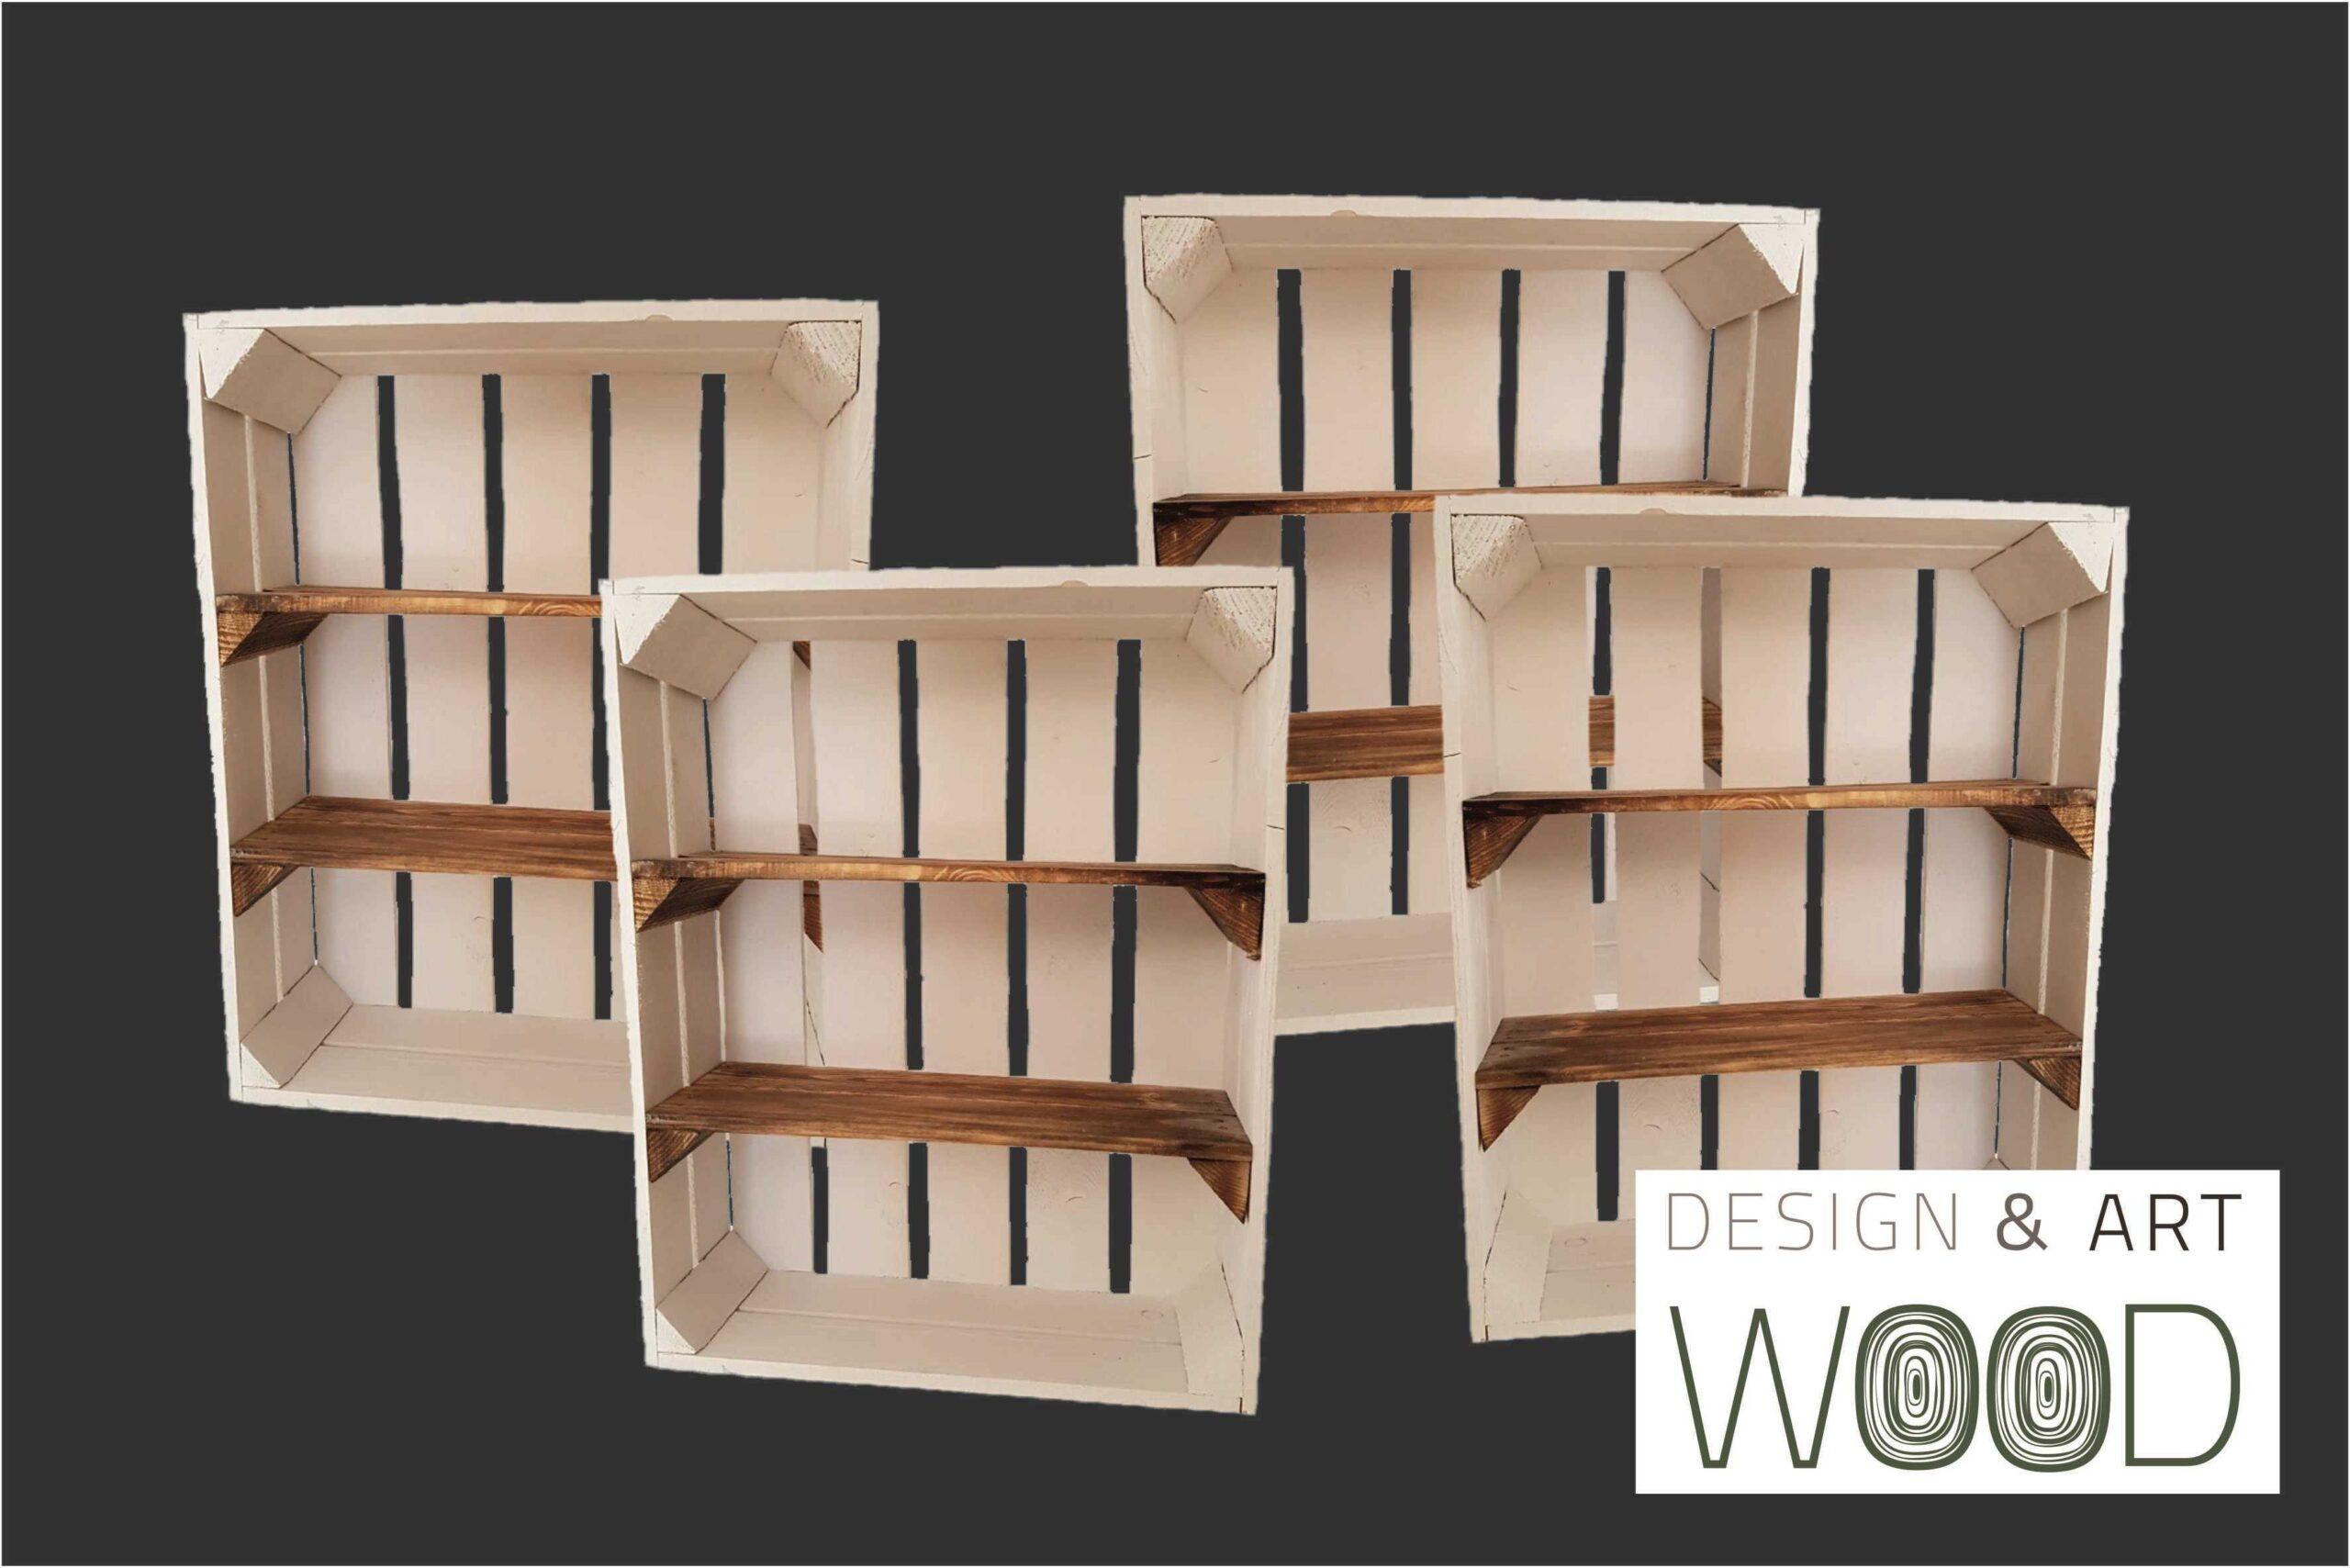 Full Size of Regal Aus Kisten Selber Bauen System Holz Bauanleitung Ikea Holzkisten Regale Kaufen Basteln Runder Esstisch Ausziehbar Weiß Weinkisten Landhausstil Sofa Wand Regal Regal Aus Kisten